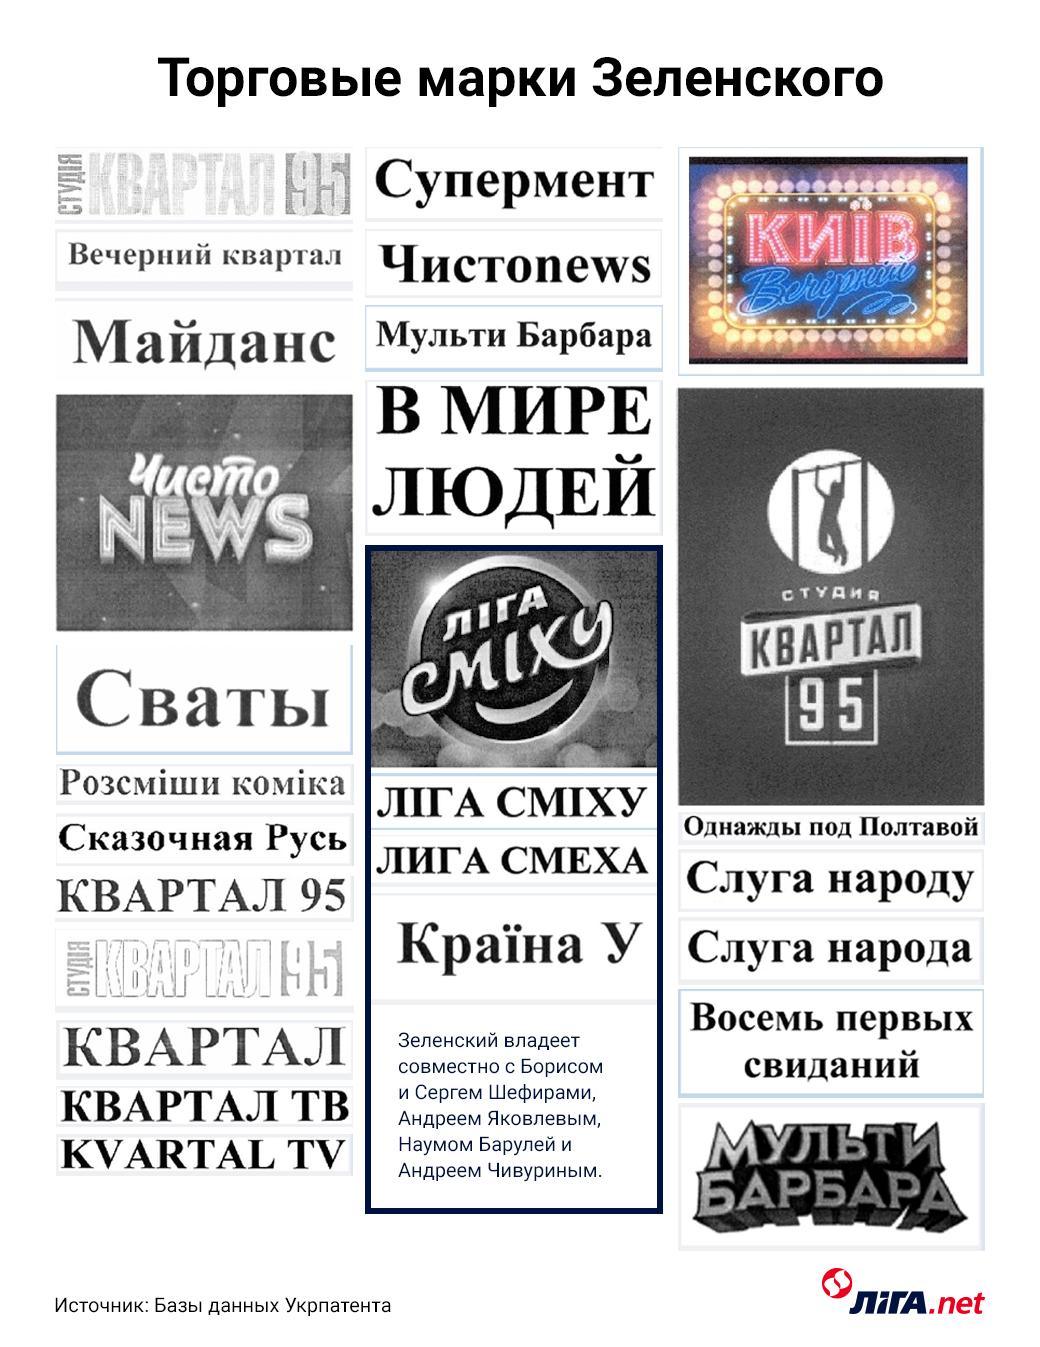 """Все торговые марки """"Квартала 95"""" зарегистрированы на Зеленского"""